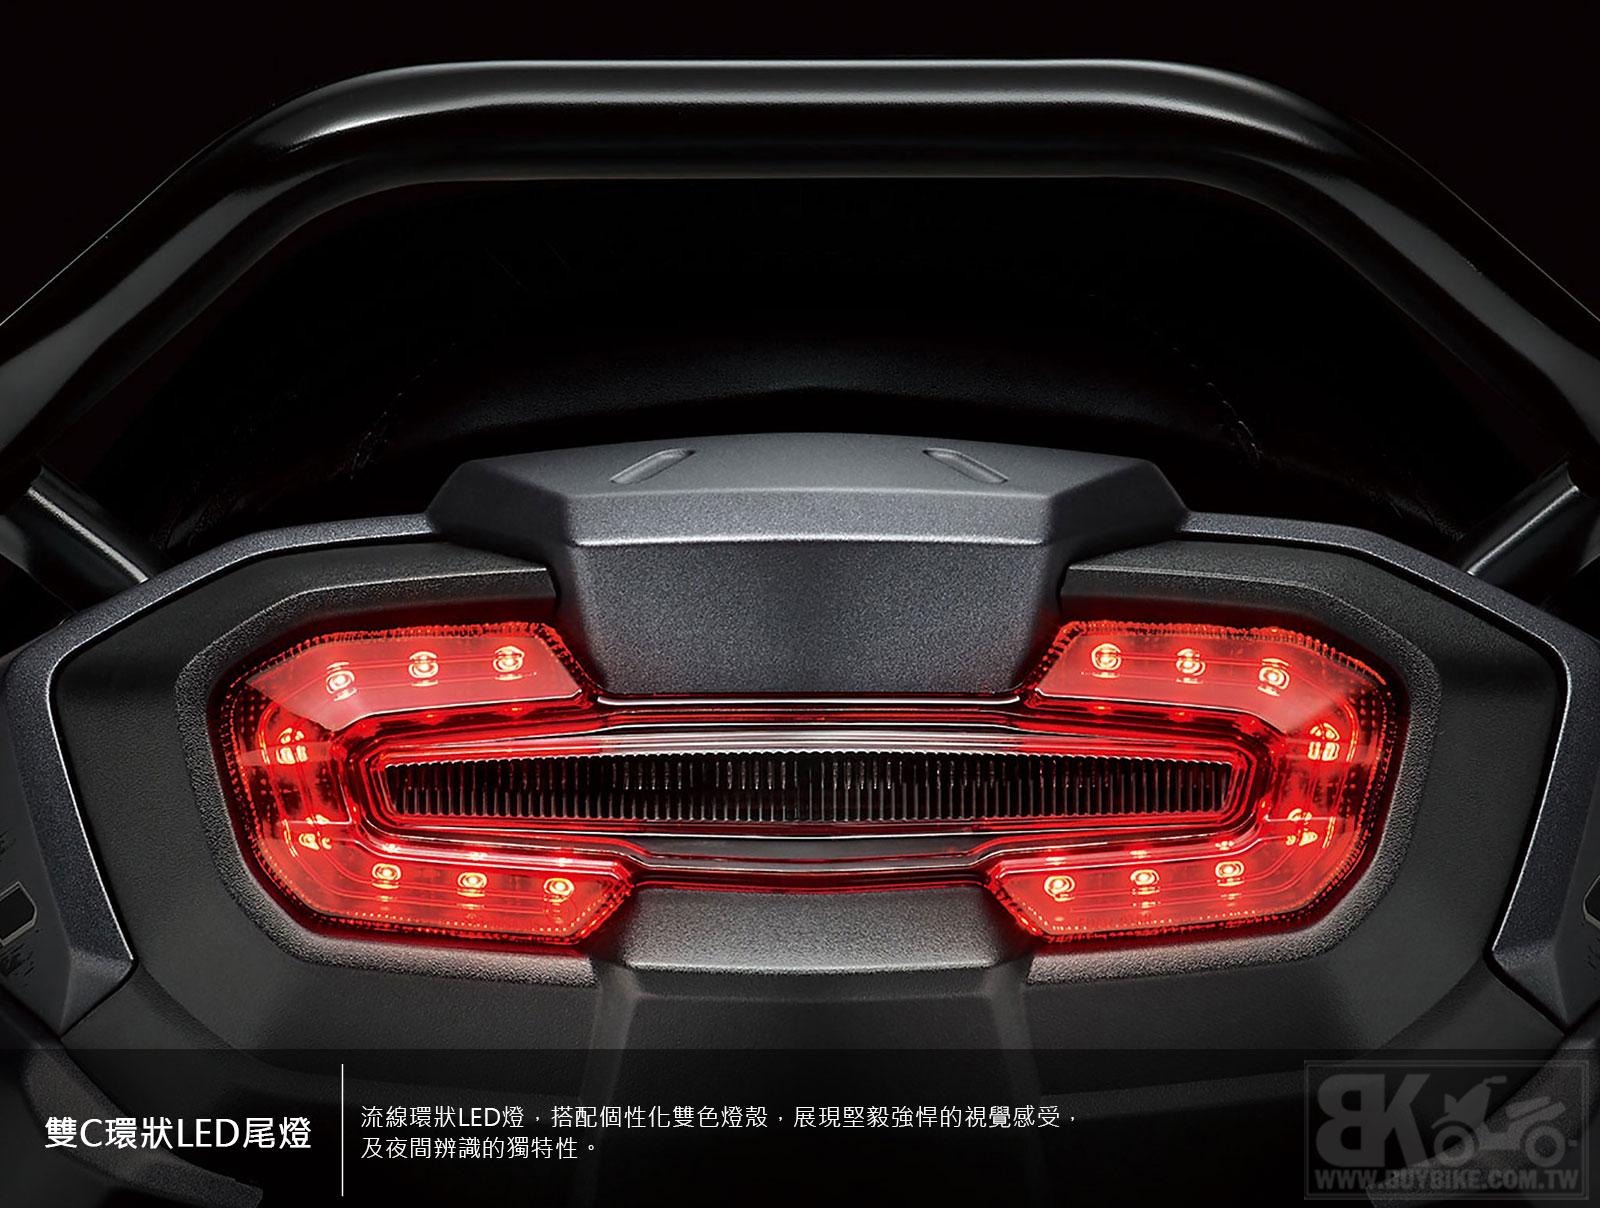 04.雙C環狀LED尾燈